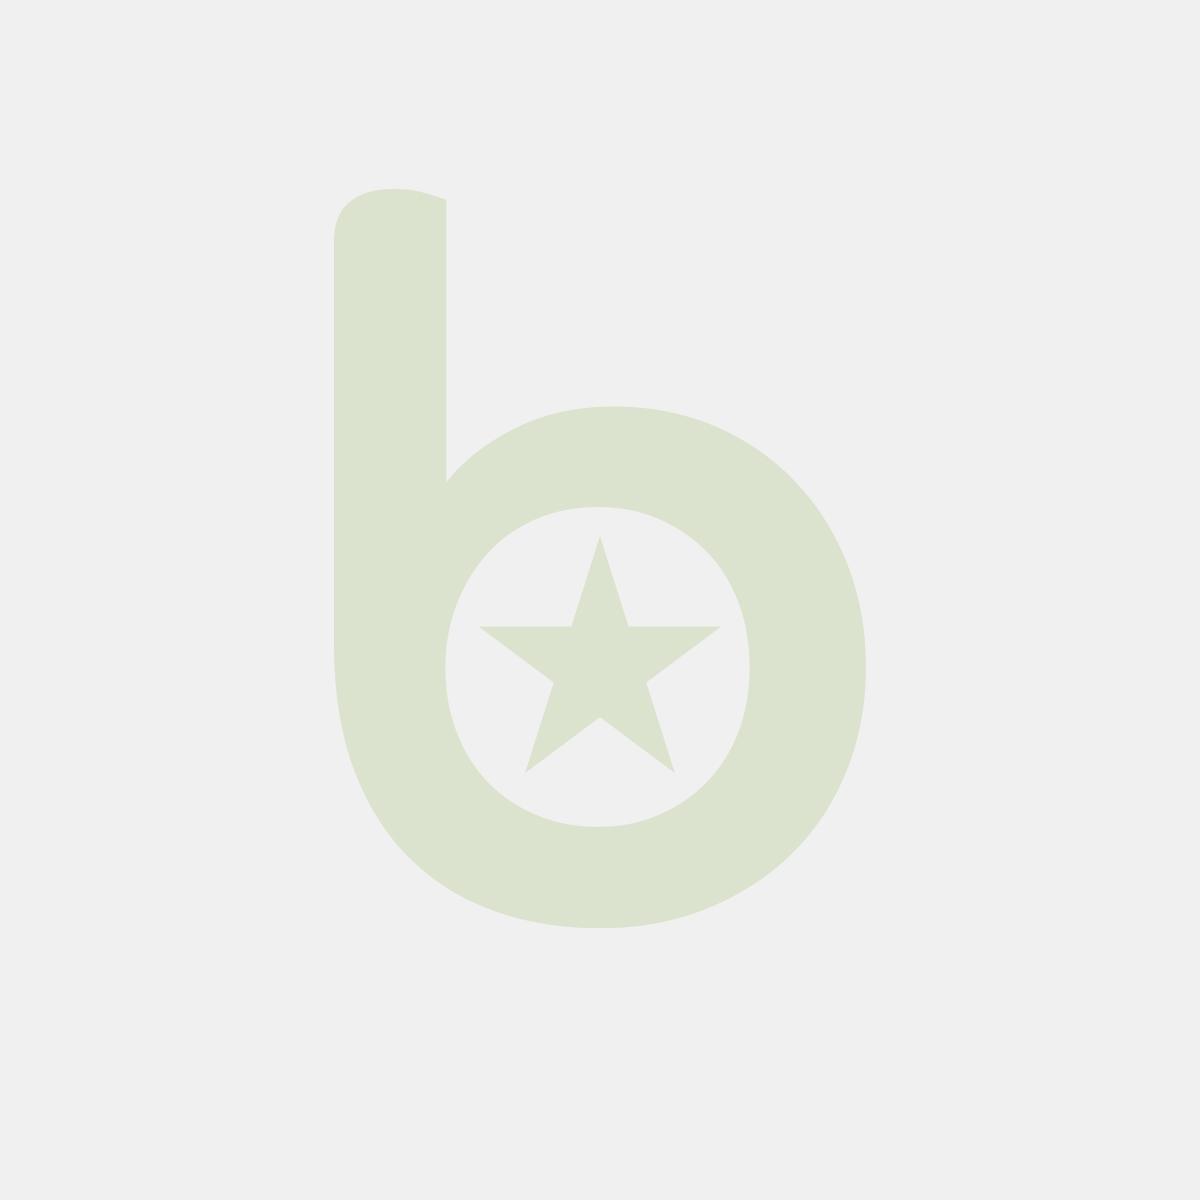 Taca drewnopodobna prostokątna 36x26 cm brązowa GN1/2 z melaminy